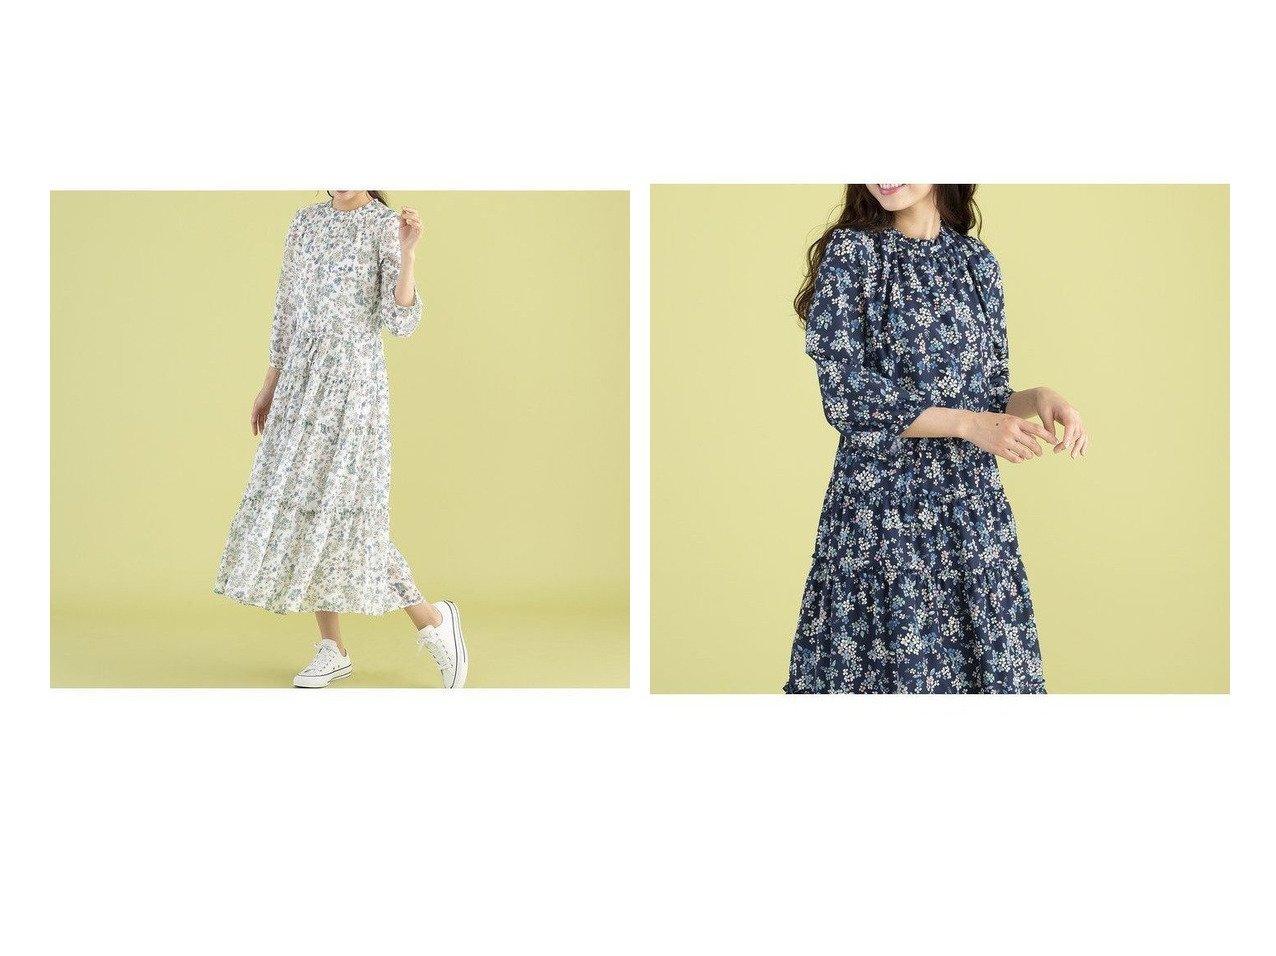 【Rose Tiara/ローズティアラ】のRose Tiara × Lyn Blakston ワンピース ワンピース・ドレスのおすすめ!人気、トレンド・レディースファッションの通販 おすすめで人気の流行・トレンド、ファッションの通販商品 メンズファッション・キッズファッション・インテリア・家具・レディースファッション・服の通販 founy(ファニー) https://founy.com/ ファッション Fashion レディースファッション WOMEN ワンピース Dress ギャザー 切替 シャーリング ジャケット ティアード パターン フェミニン フォルム フラワー フリル プリント リボン リラックス ロンドン NEW・新作・新着・新入荷 New Arrivals  ID:crp329100000024863